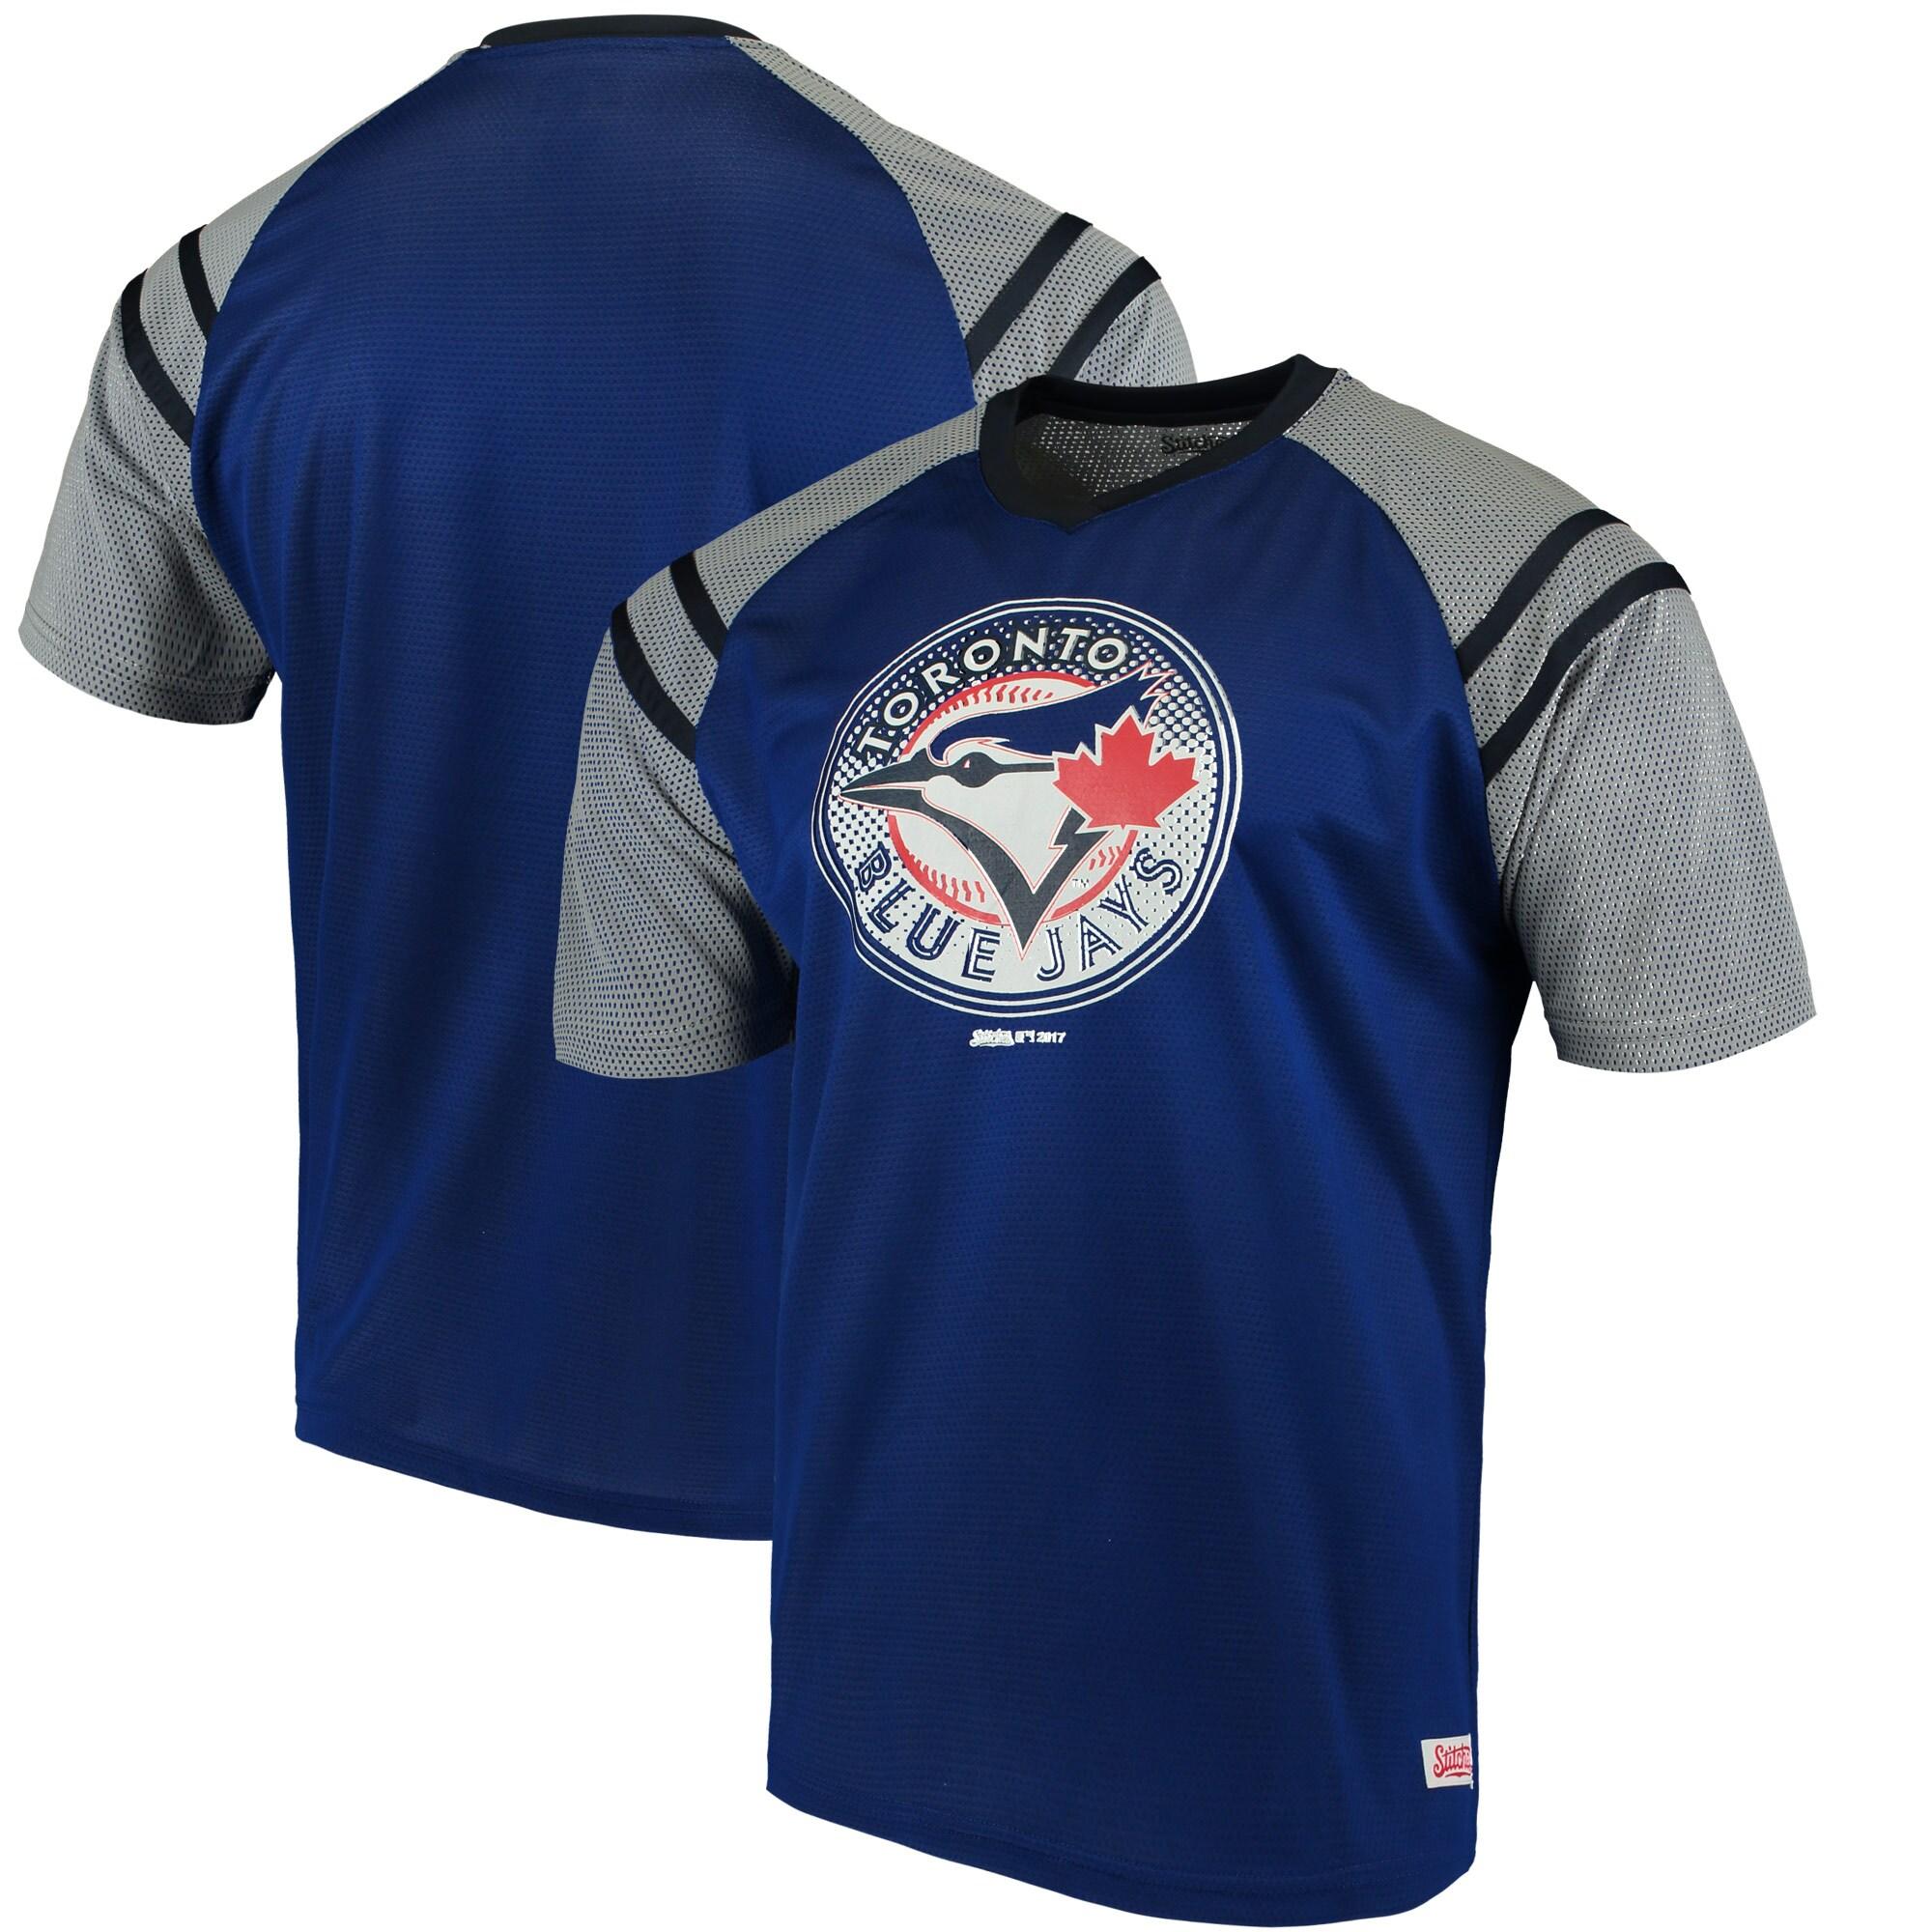 Toronto Blue Jays Stitches V-Neck Mesh Jersey T-Shirt - Royal/Navy